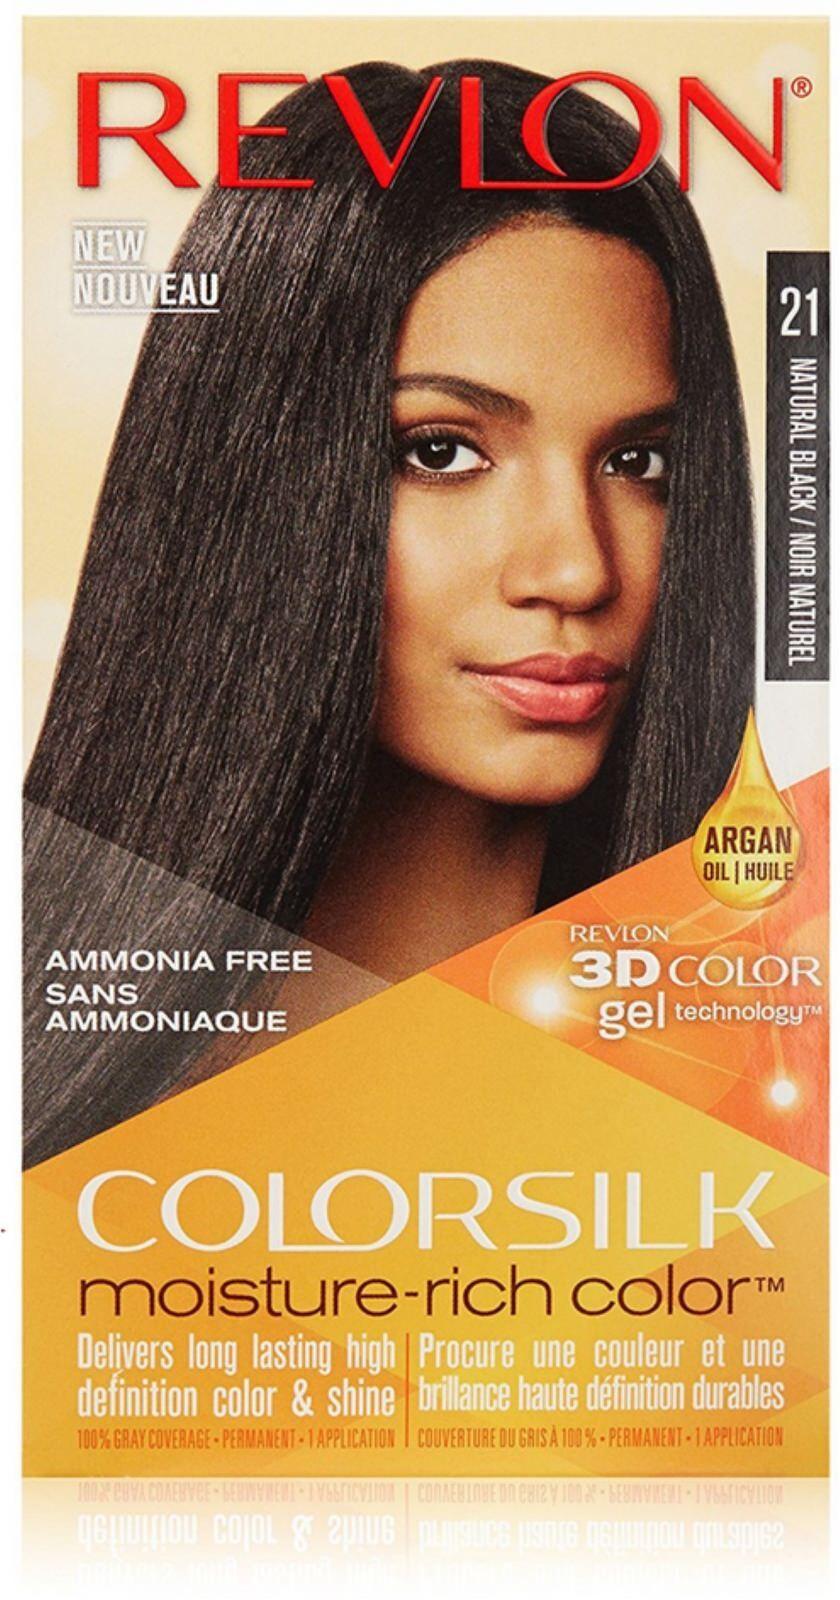 Revlon Colorsilk Moisture Rich Hair Color 21 Natural Black Ebay